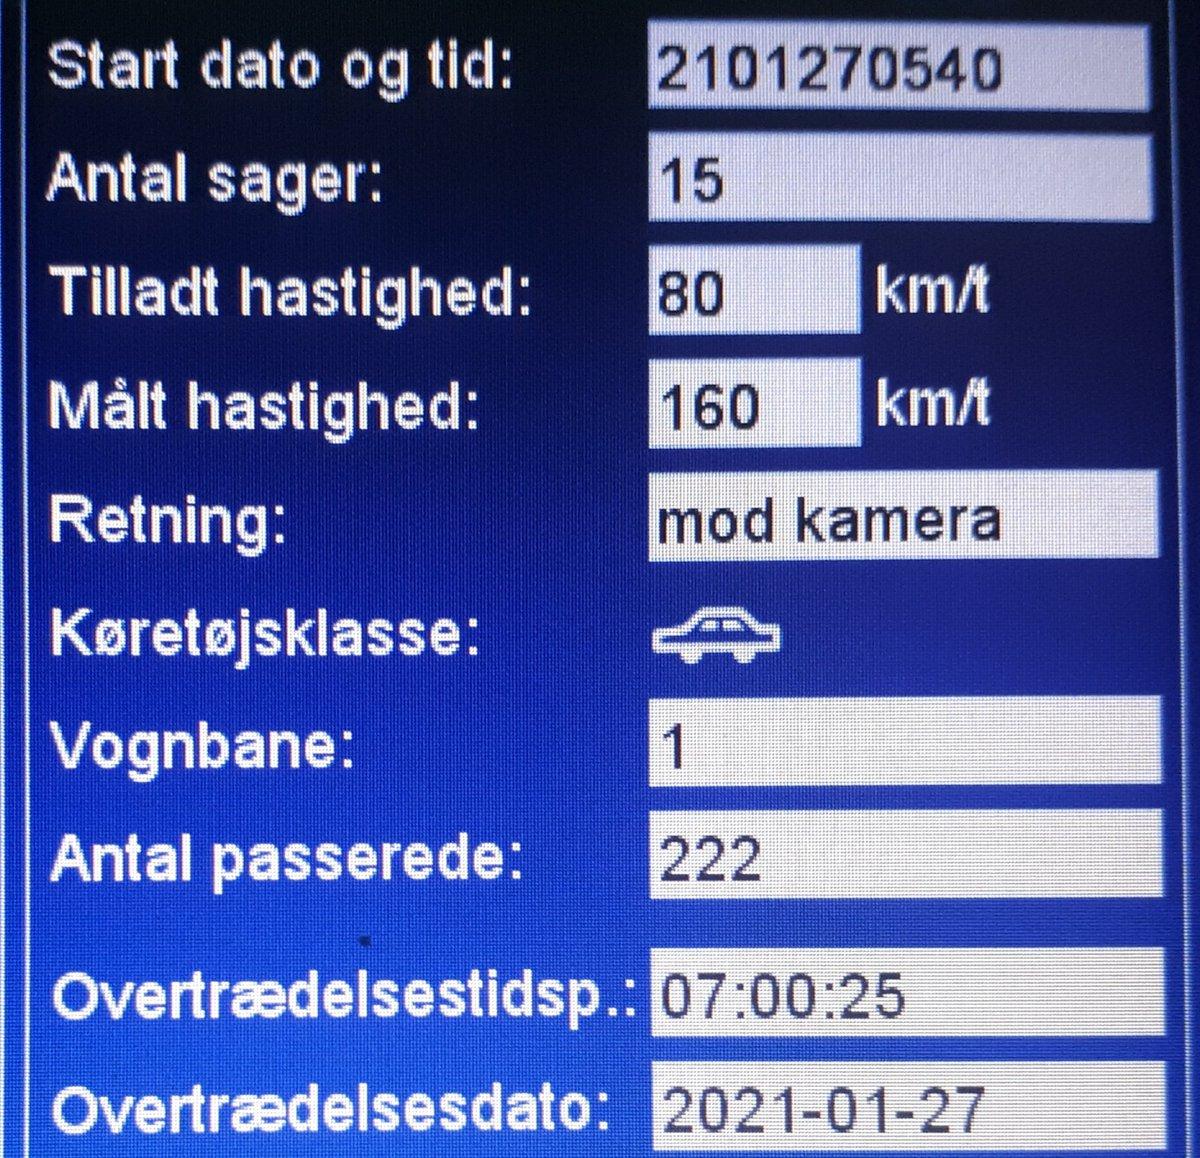 Fotovognen har været på Hovedvejen syd for Døstrup i Tønder komm. Selvom vejene var glatte og der blev saltet. valgte en billist kl. 7.00 at køre 160 km/t. Ialt blev 28 blitzet. Husk: Dem som kører fornuftigt, hjælper til at alle kommer sikkert frem #atkdk #politidk https://t.co/NX73NfII4O